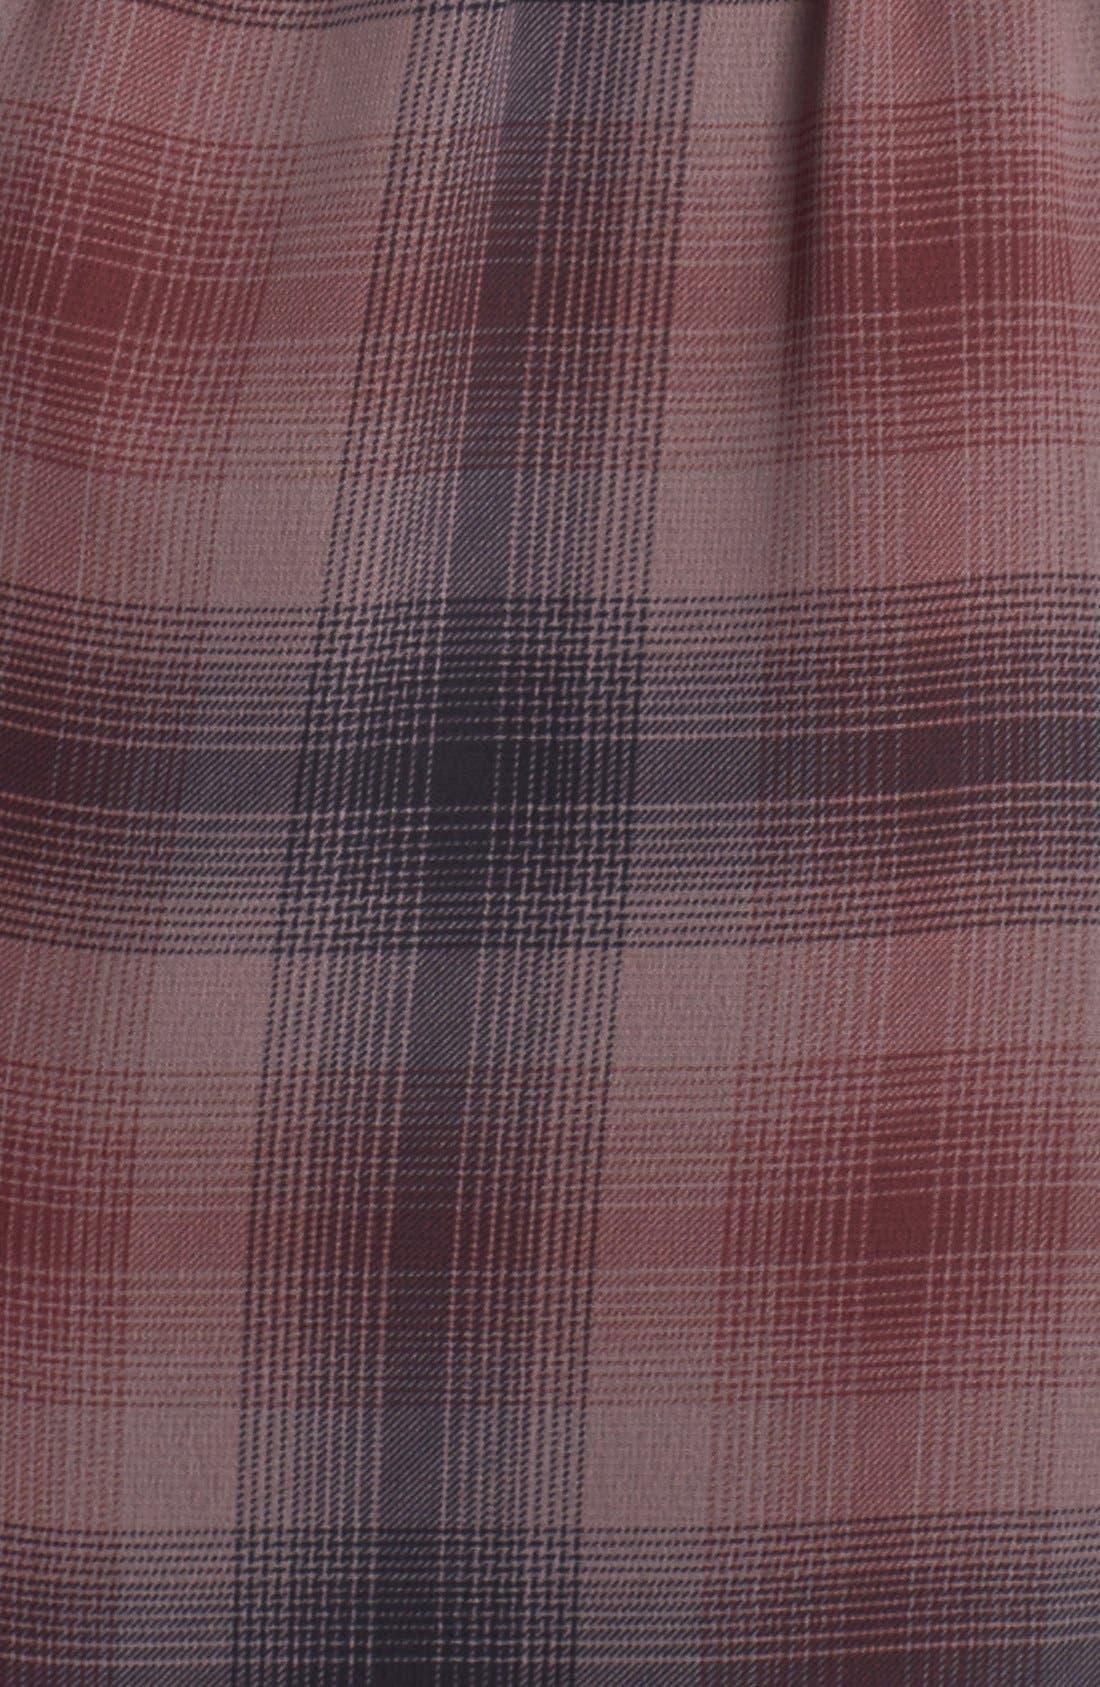 Alternate Image 3  - Halogen® Belted Pleat Front Dress (Regular & Petite)